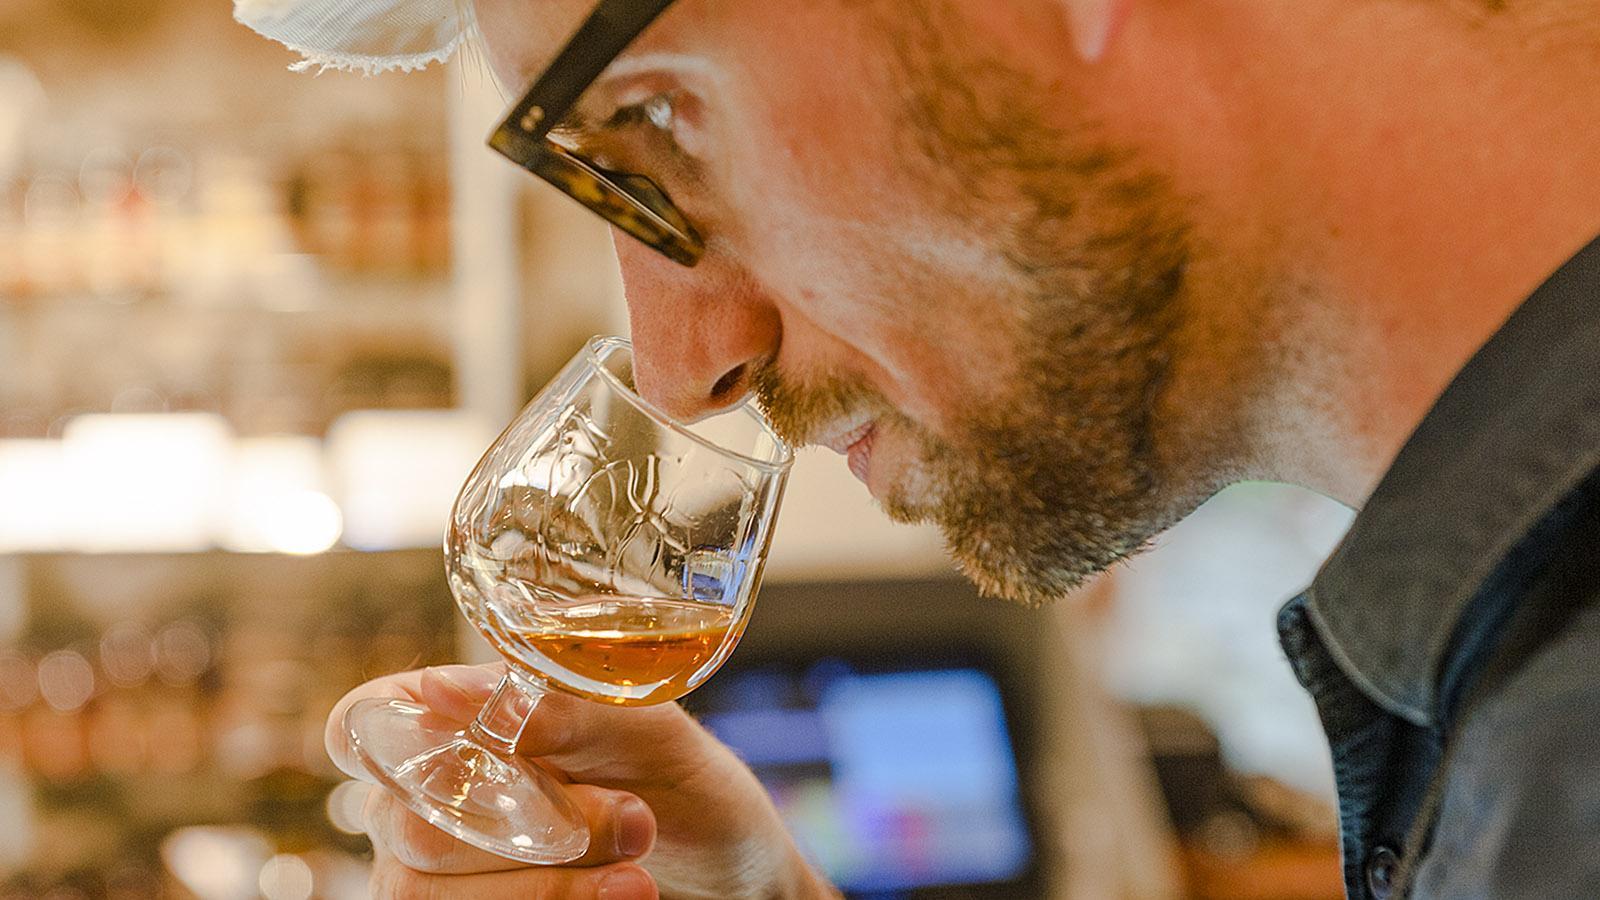 Oliver Timmernann bei der Rum-Verkostung. Foto: Hilke Maunder